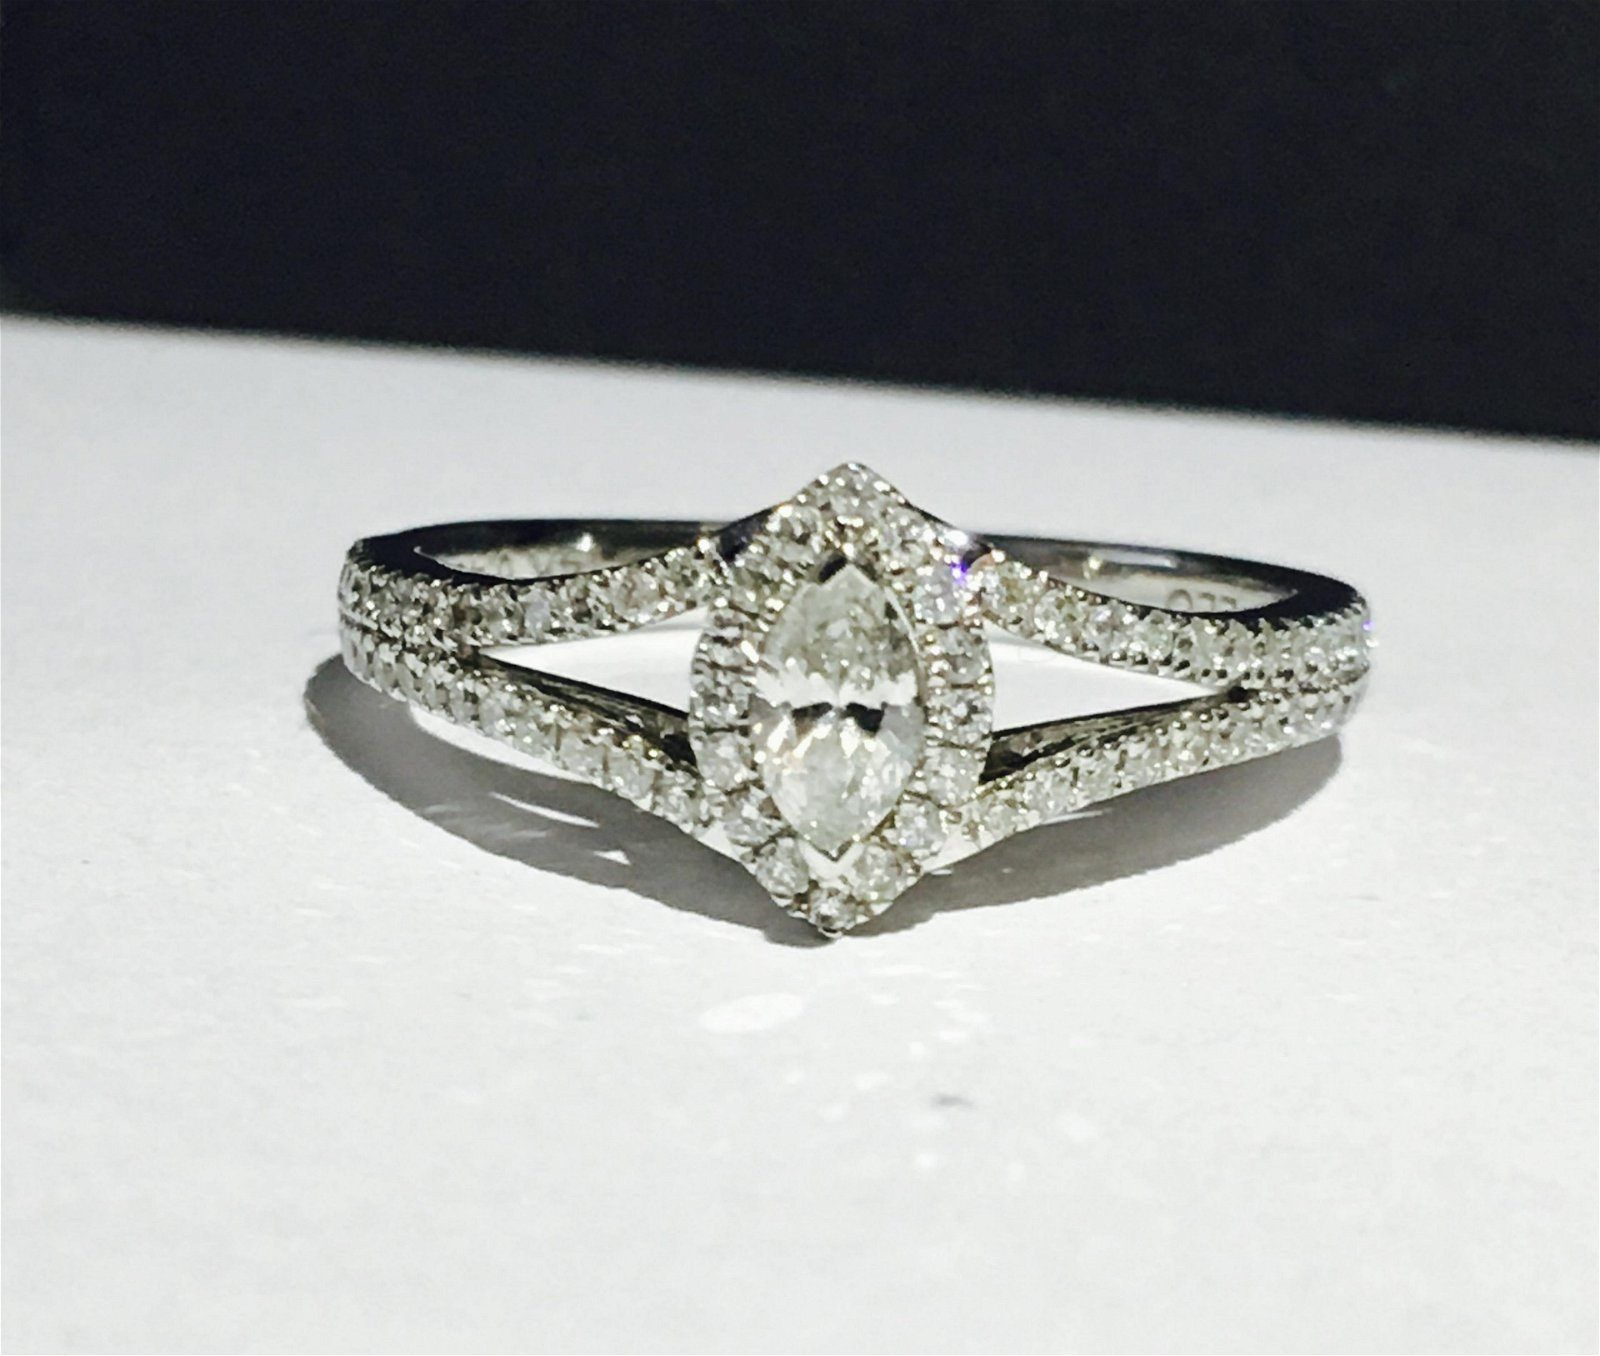 14K white gold, 0.48 carat Diamond Engagement Ring